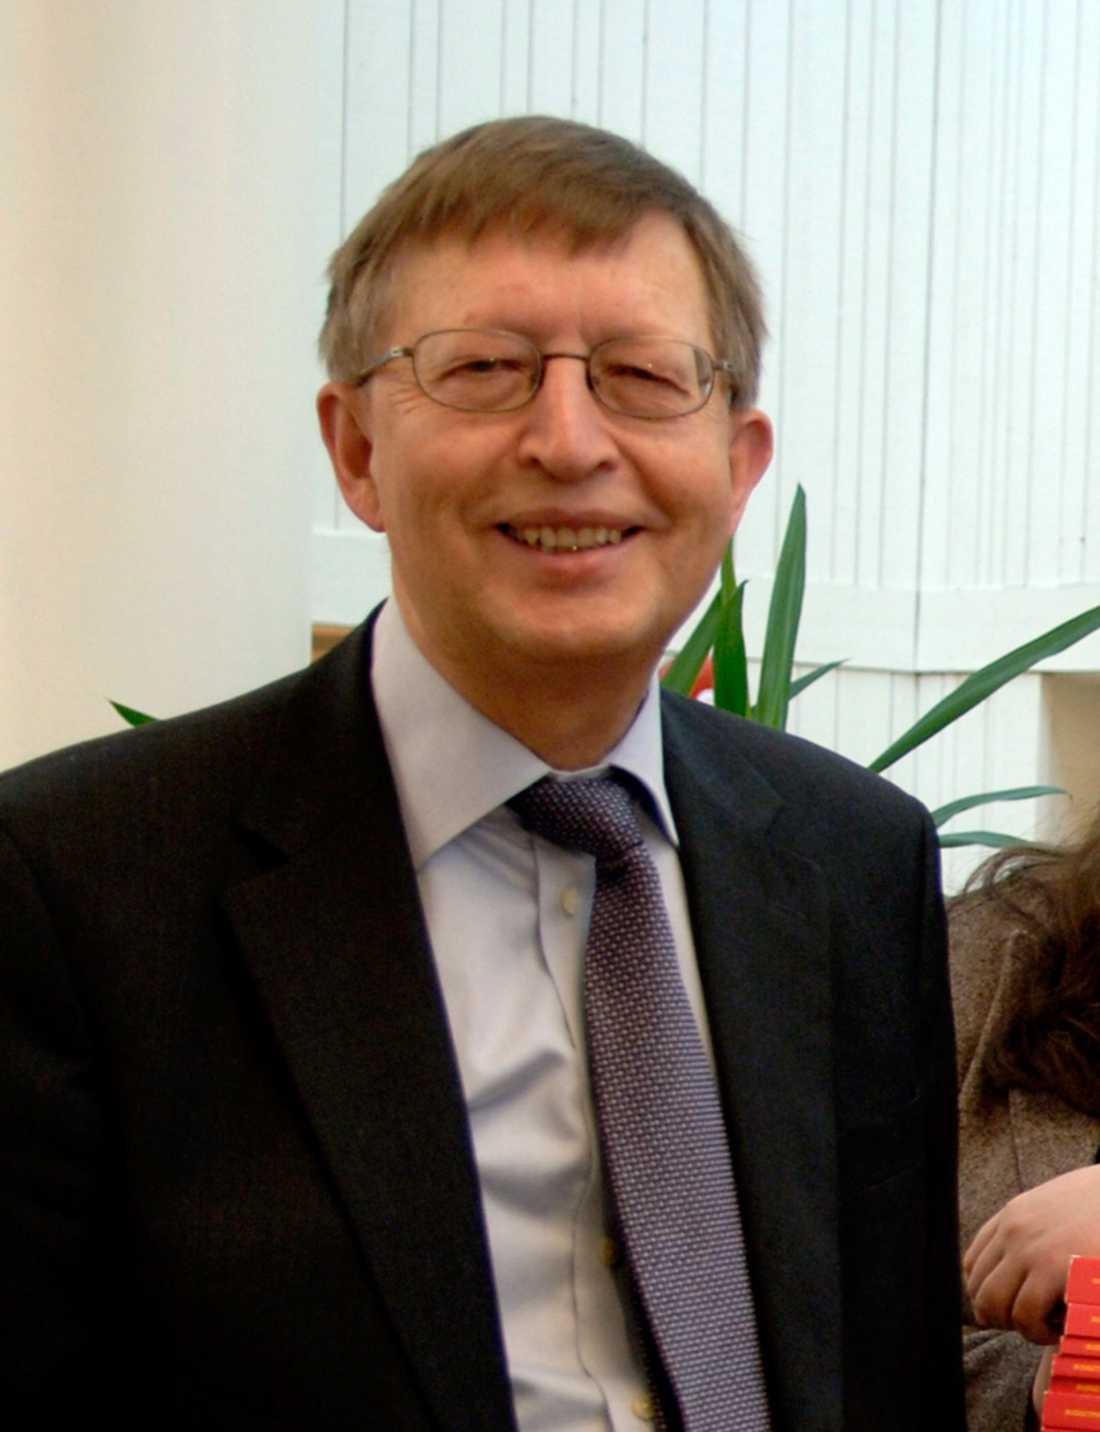 MP-veteranen Lennart Olsen, som sitter partistyrelsen, vill också att Romson avgår.